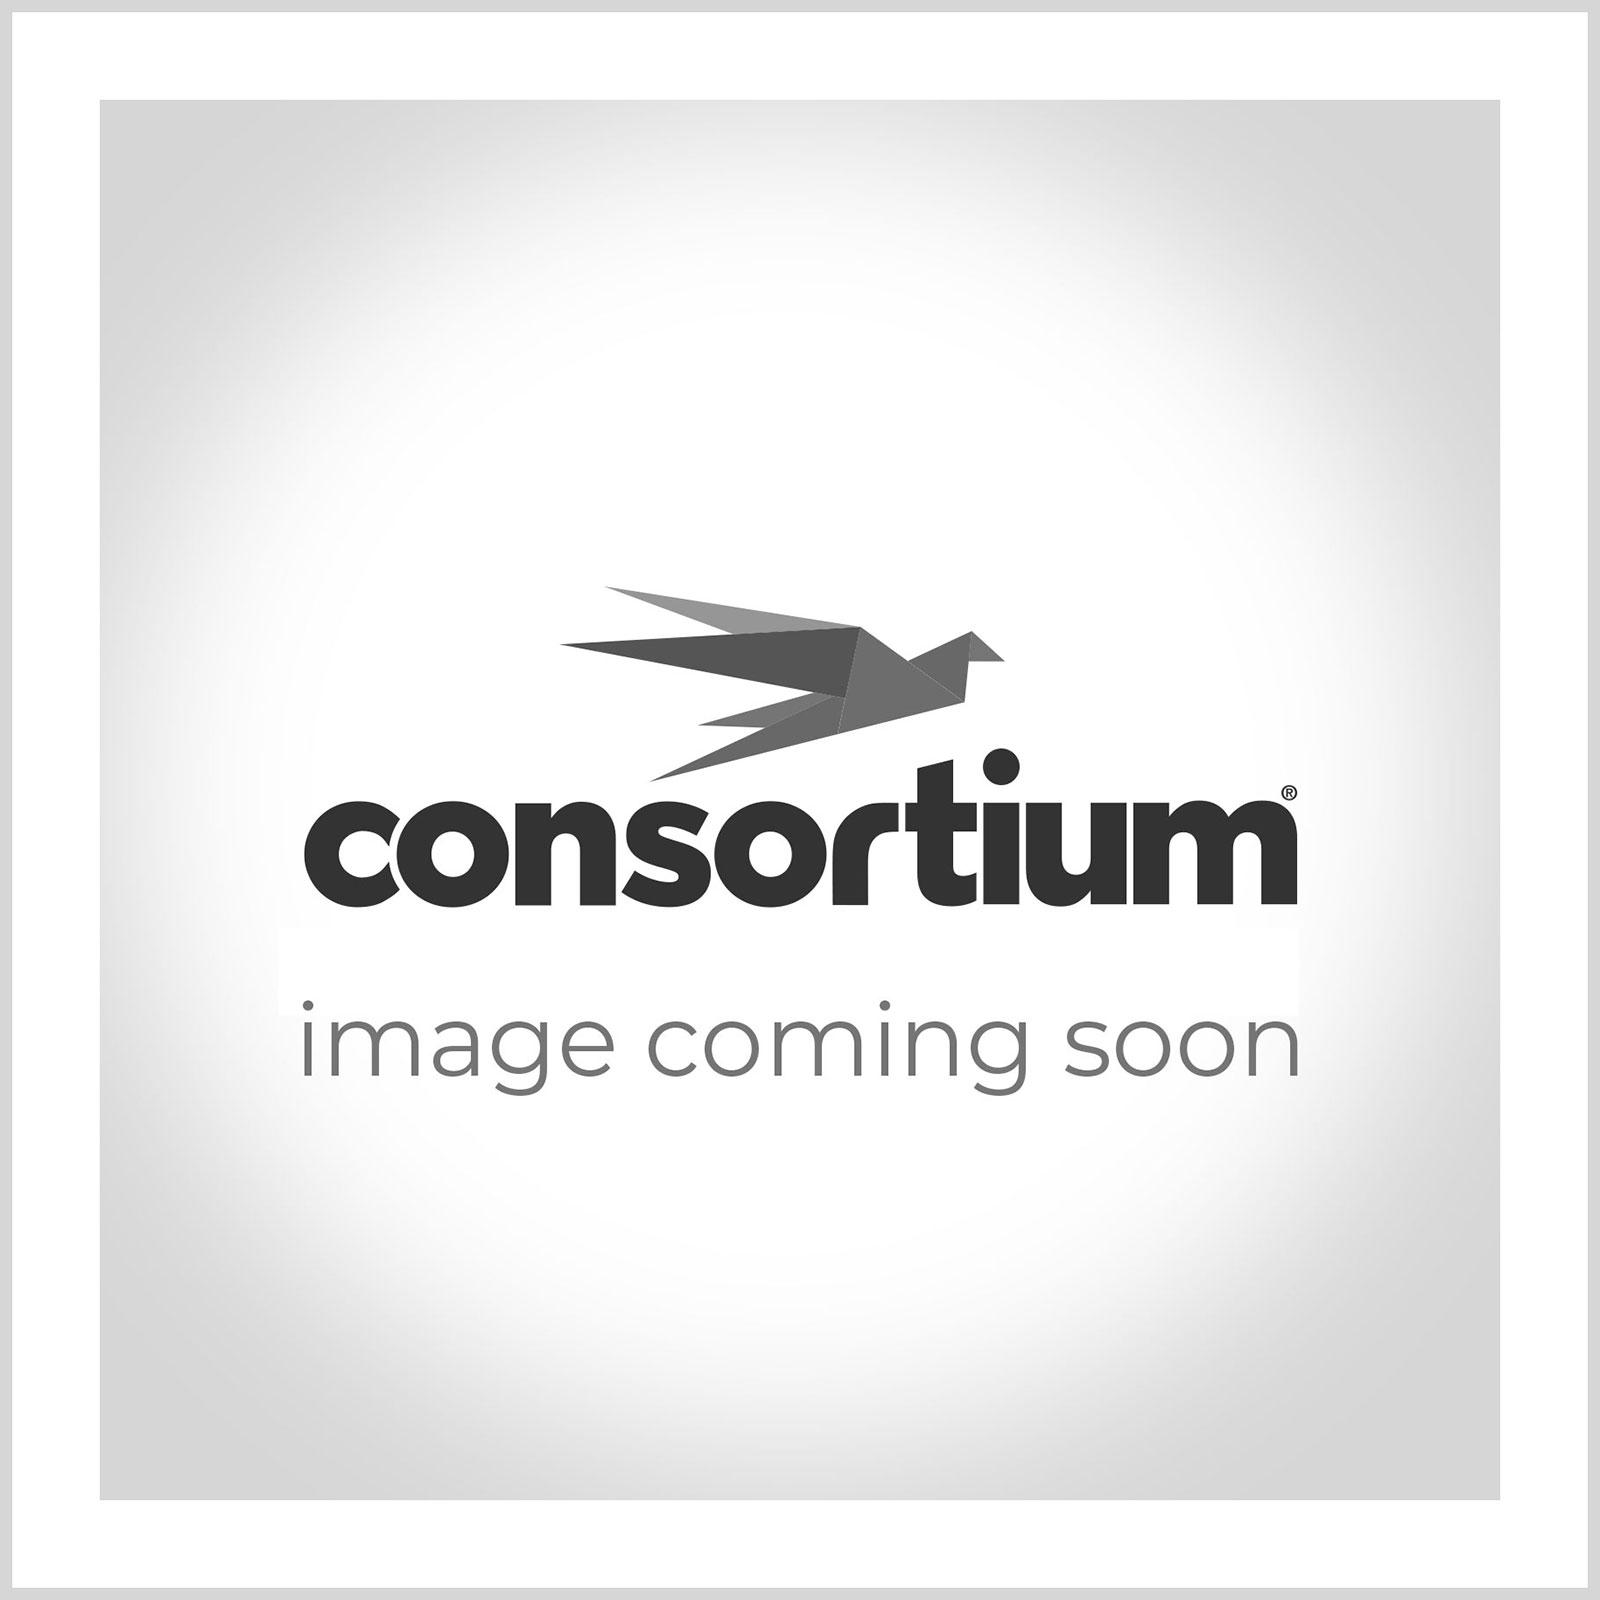 Consortium Premium Shorthand Note Pad